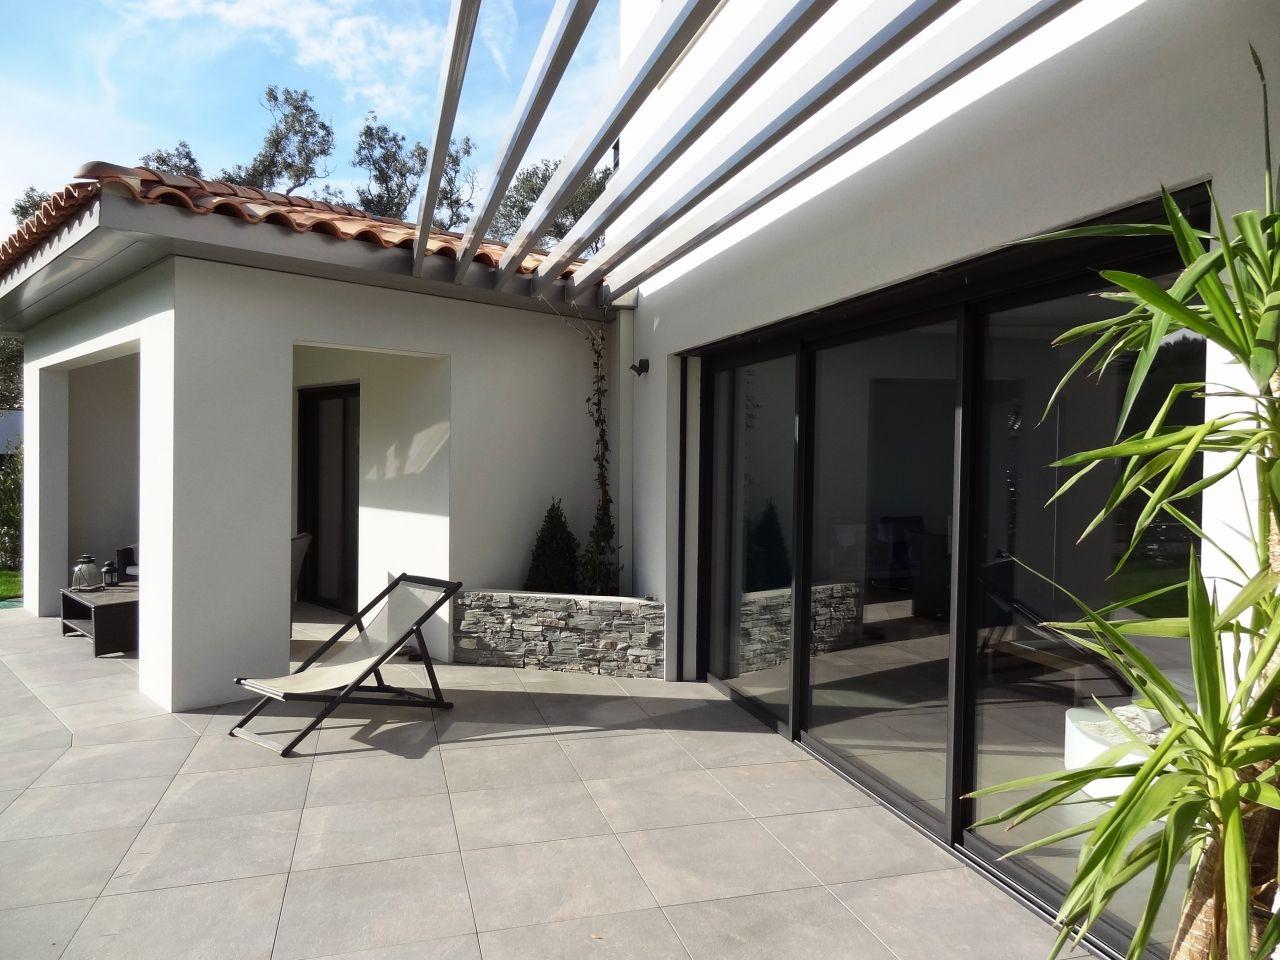 seuils de baie vitr e encastr s qualit ou d faut 5. Black Bedroom Furniture Sets. Home Design Ideas